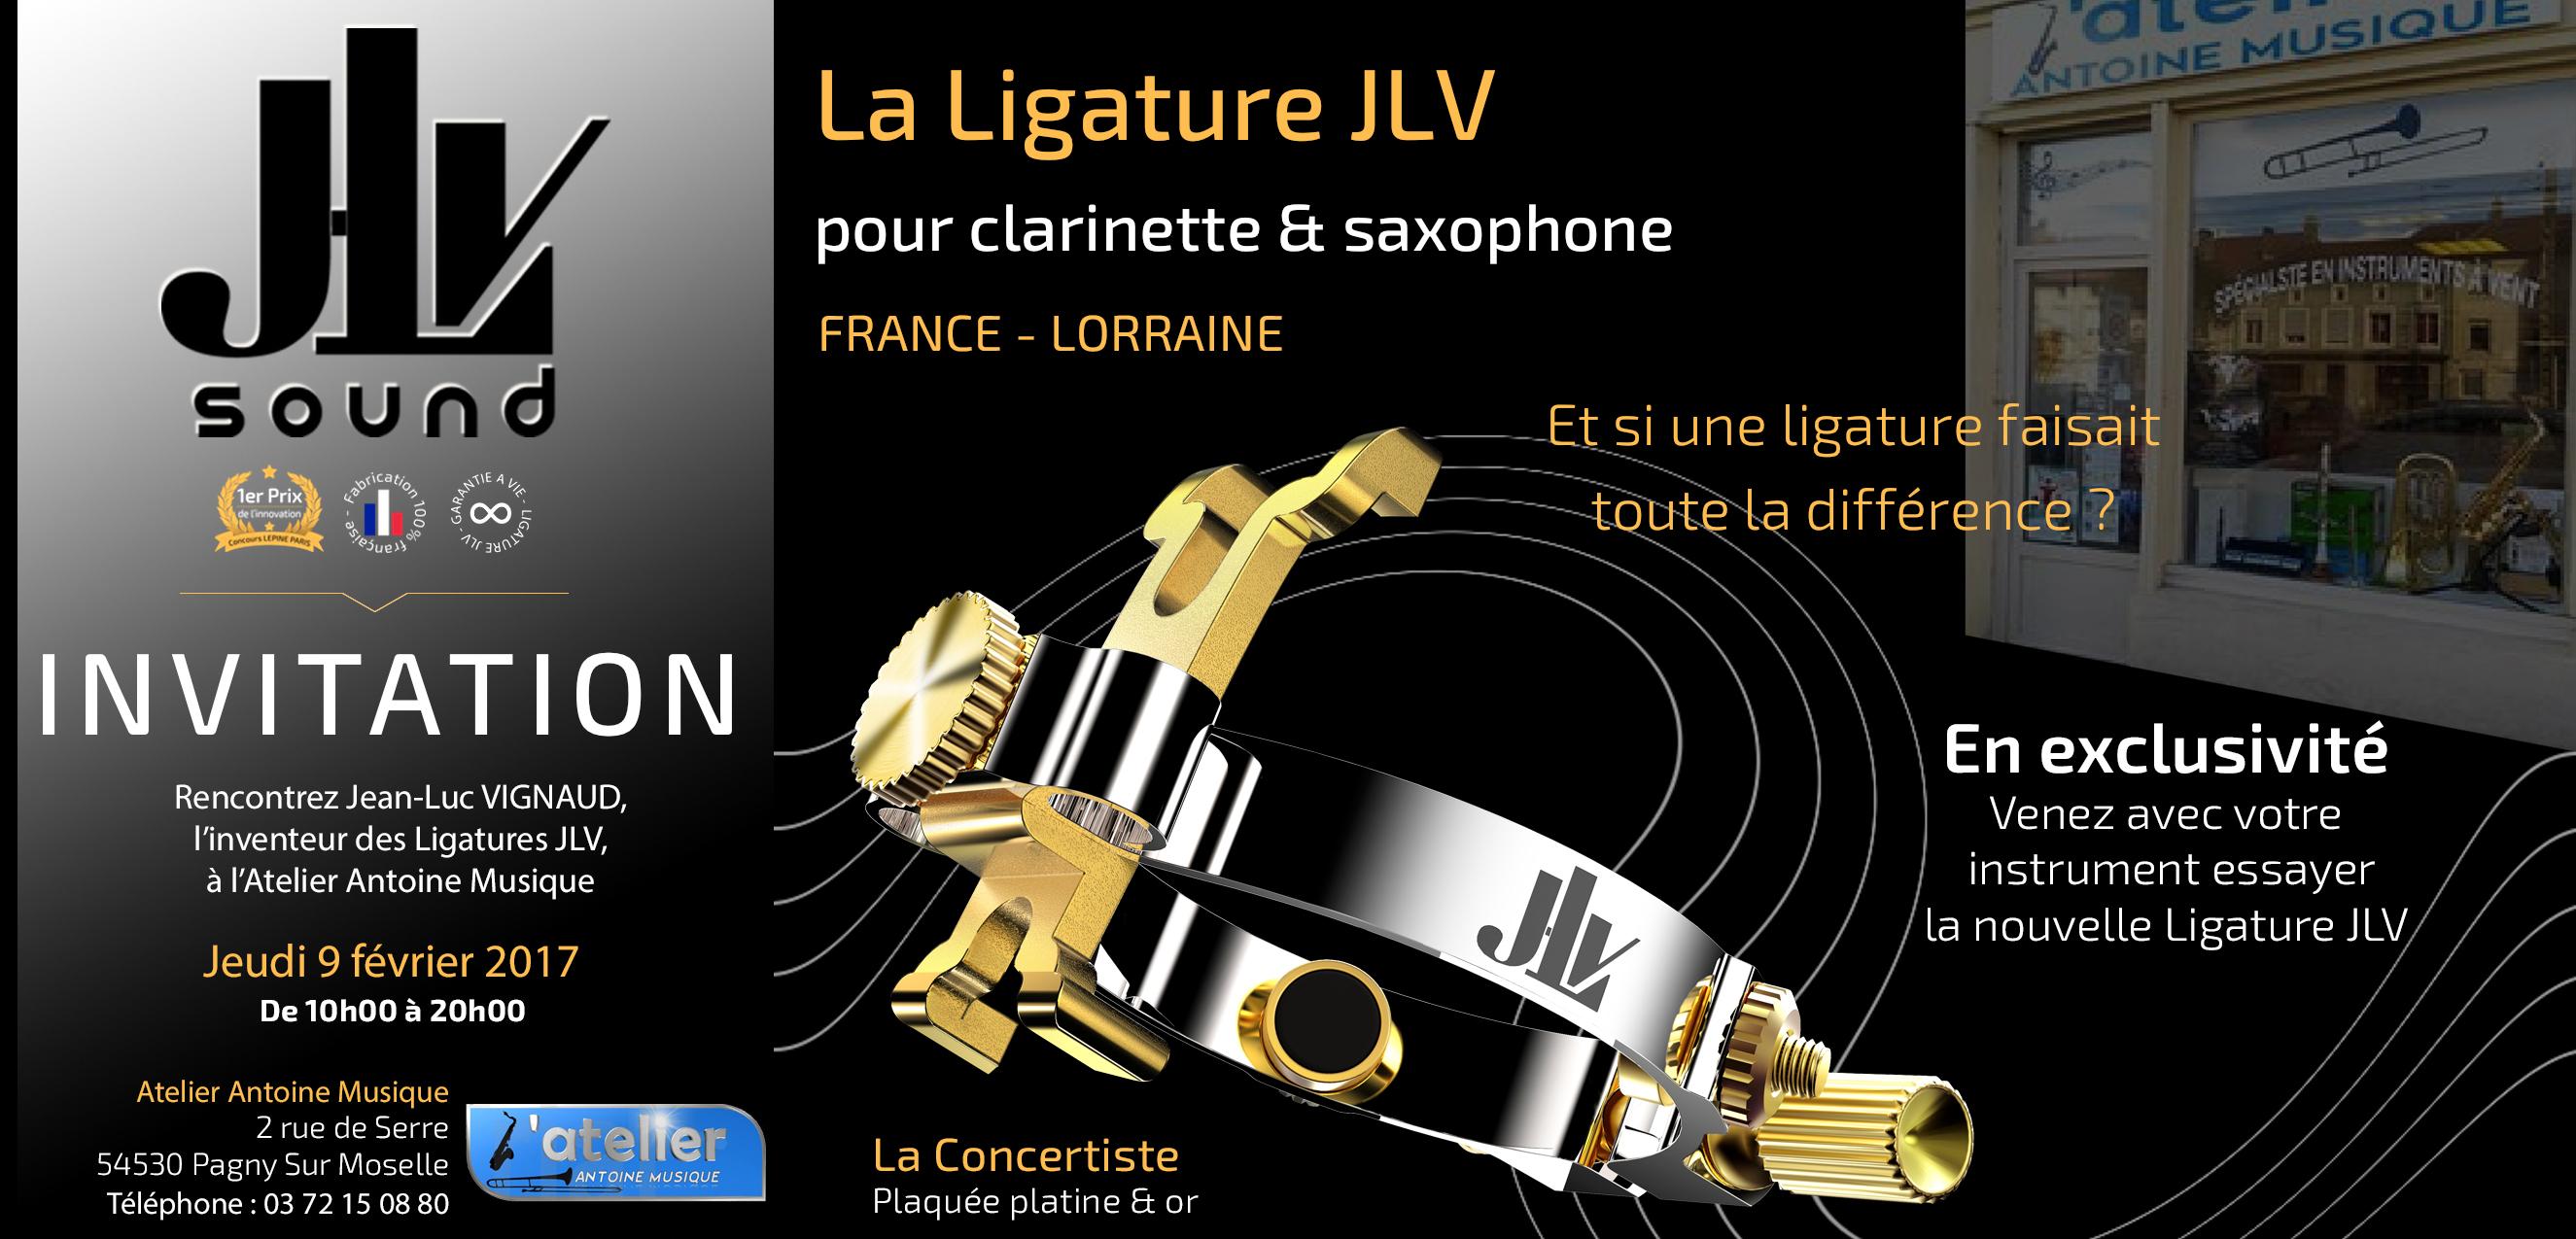 Le 9 février 2017 de 10h à 20h00, retrouvez l'inventeur des Ligatures JLV en Lorraine à l'Atelier Antoine Musique